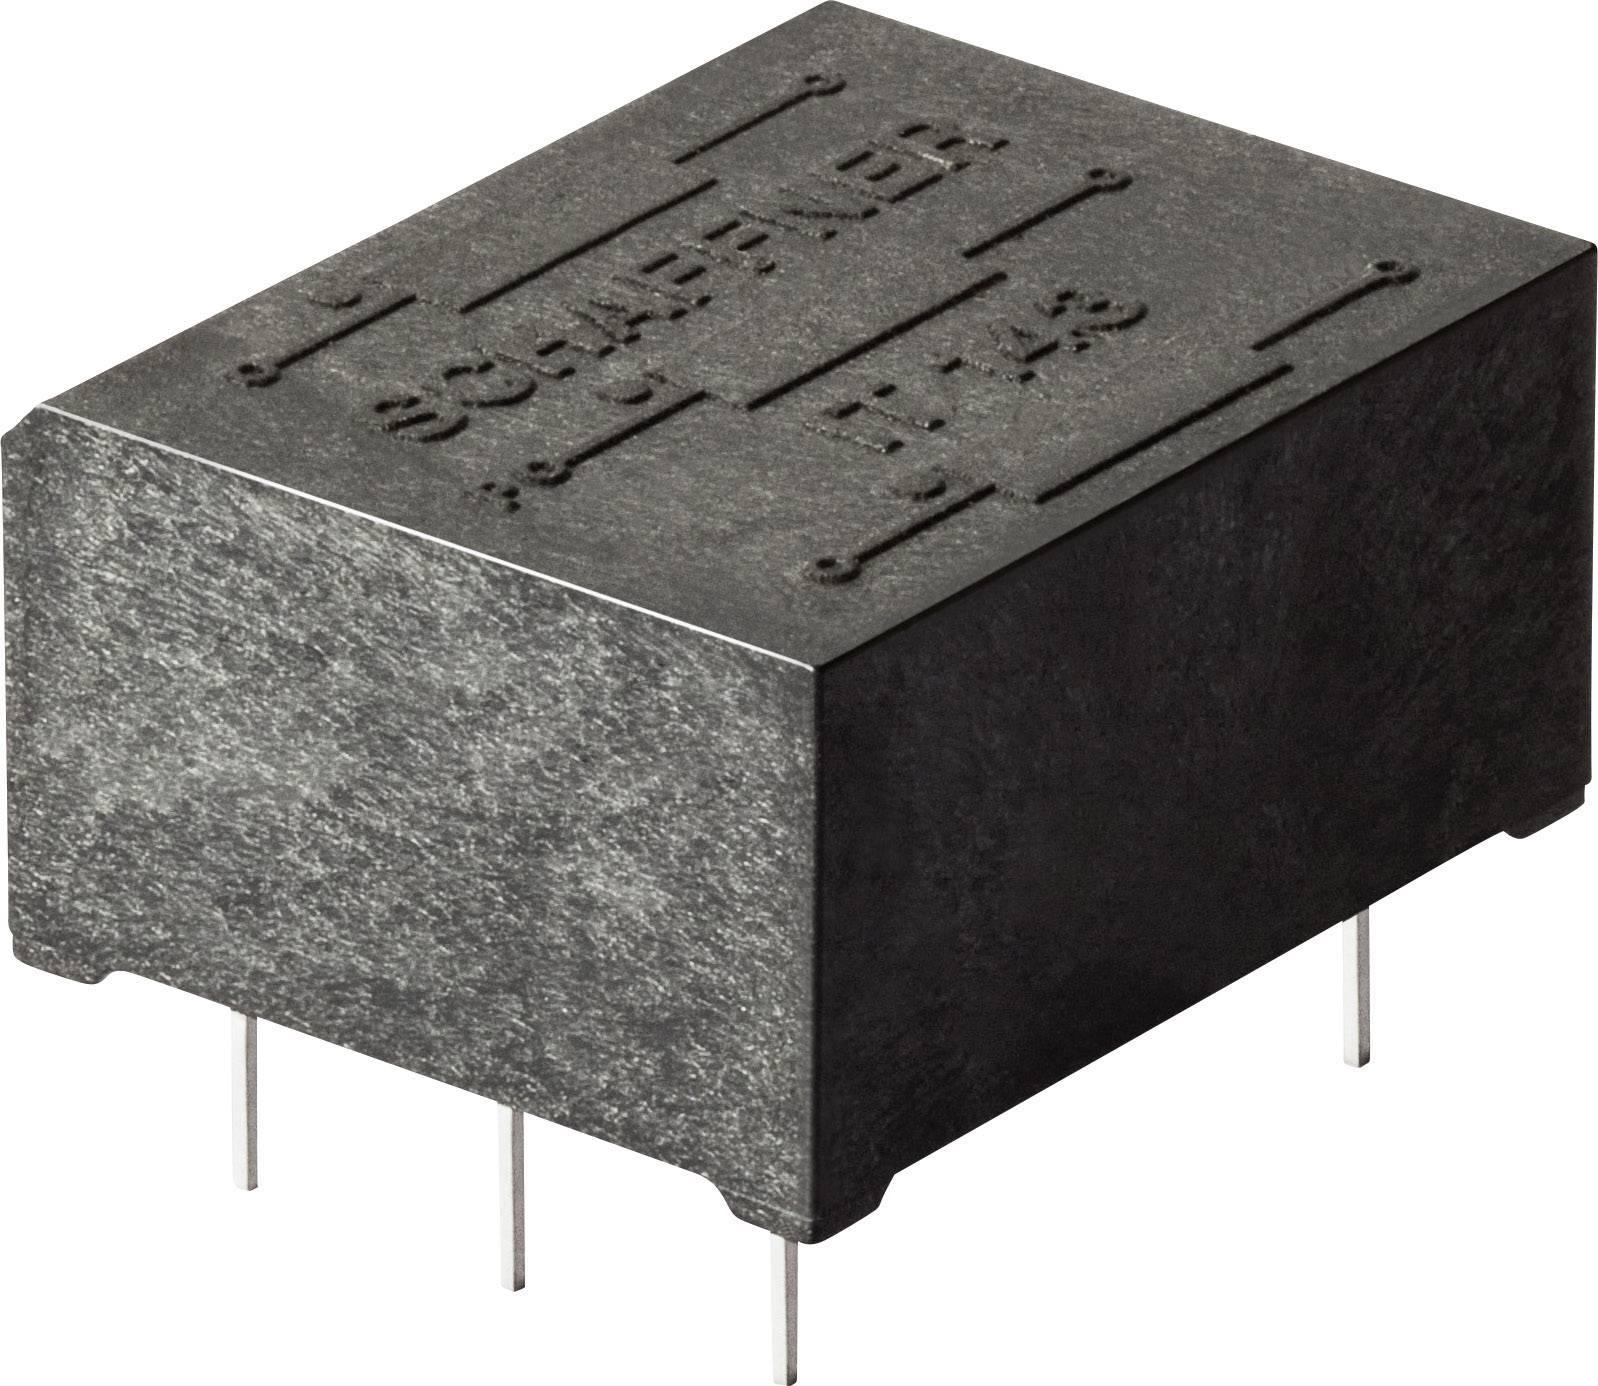 Pulzný transformátor Schaffner IT253 IT253, 500 V, 1.1 mH, (d x š x v) 17.6 x 16.7 x 11.3 mm, 1 ks